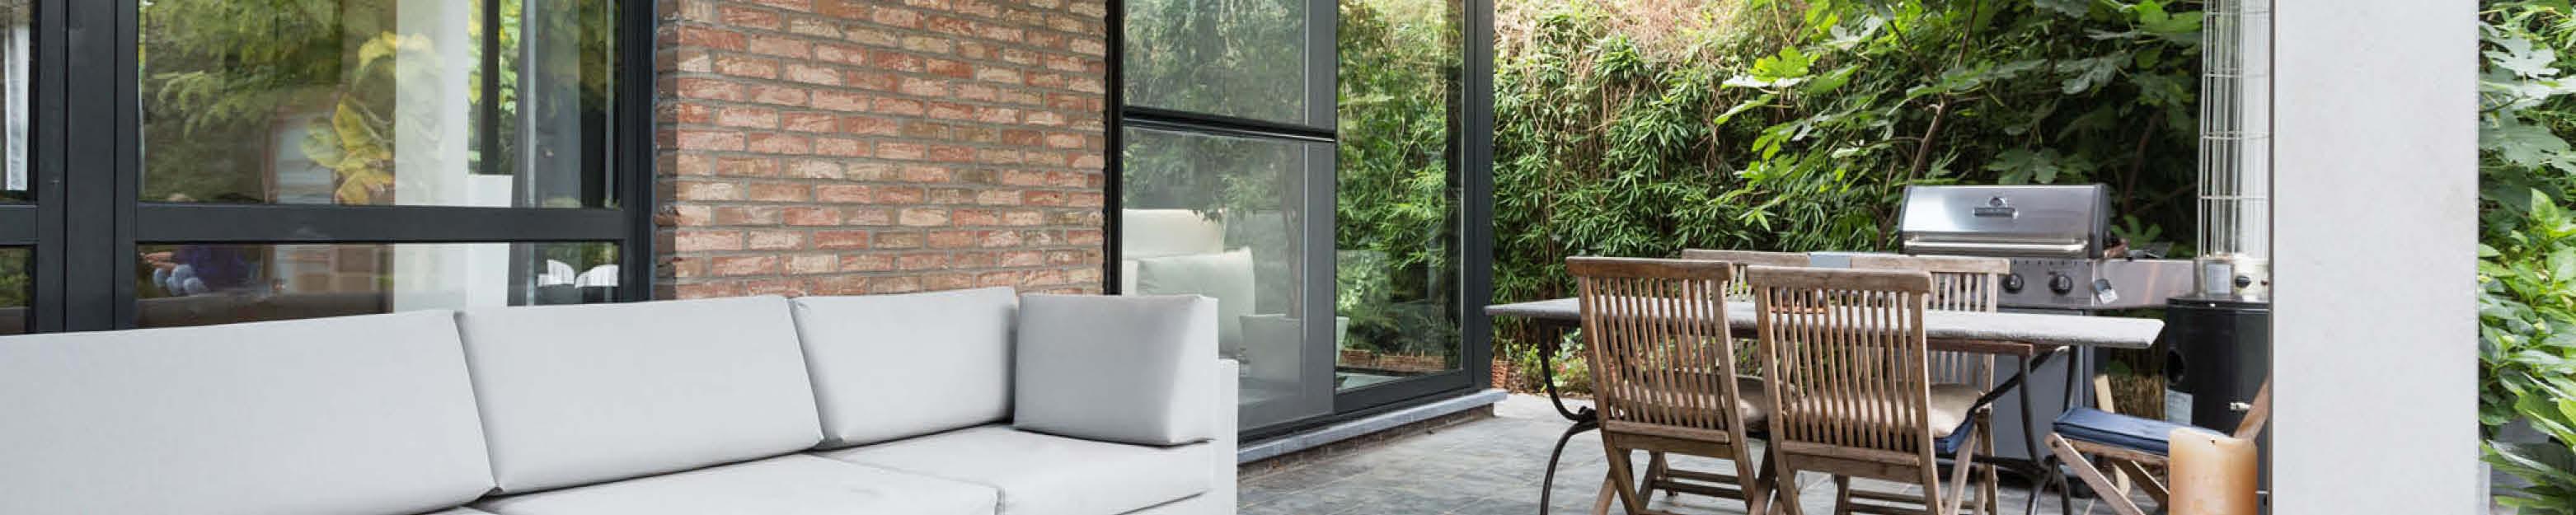 Modern leefveranda met zetel en tuintafel